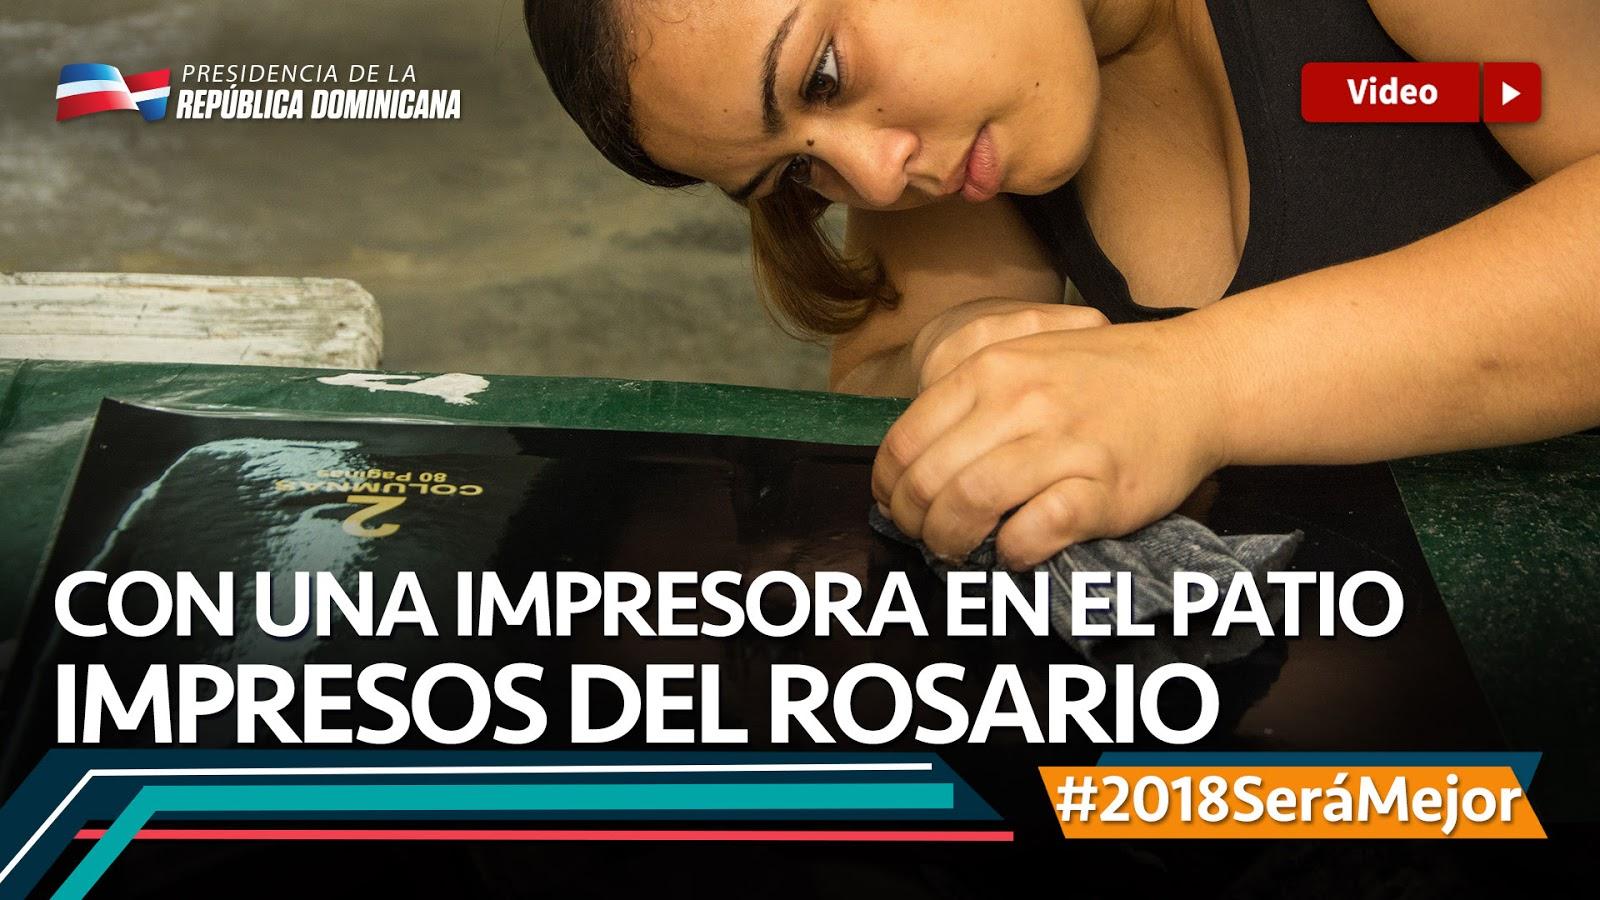 VIDEO: Con una impresora en el patio: Impresos Del Rosario